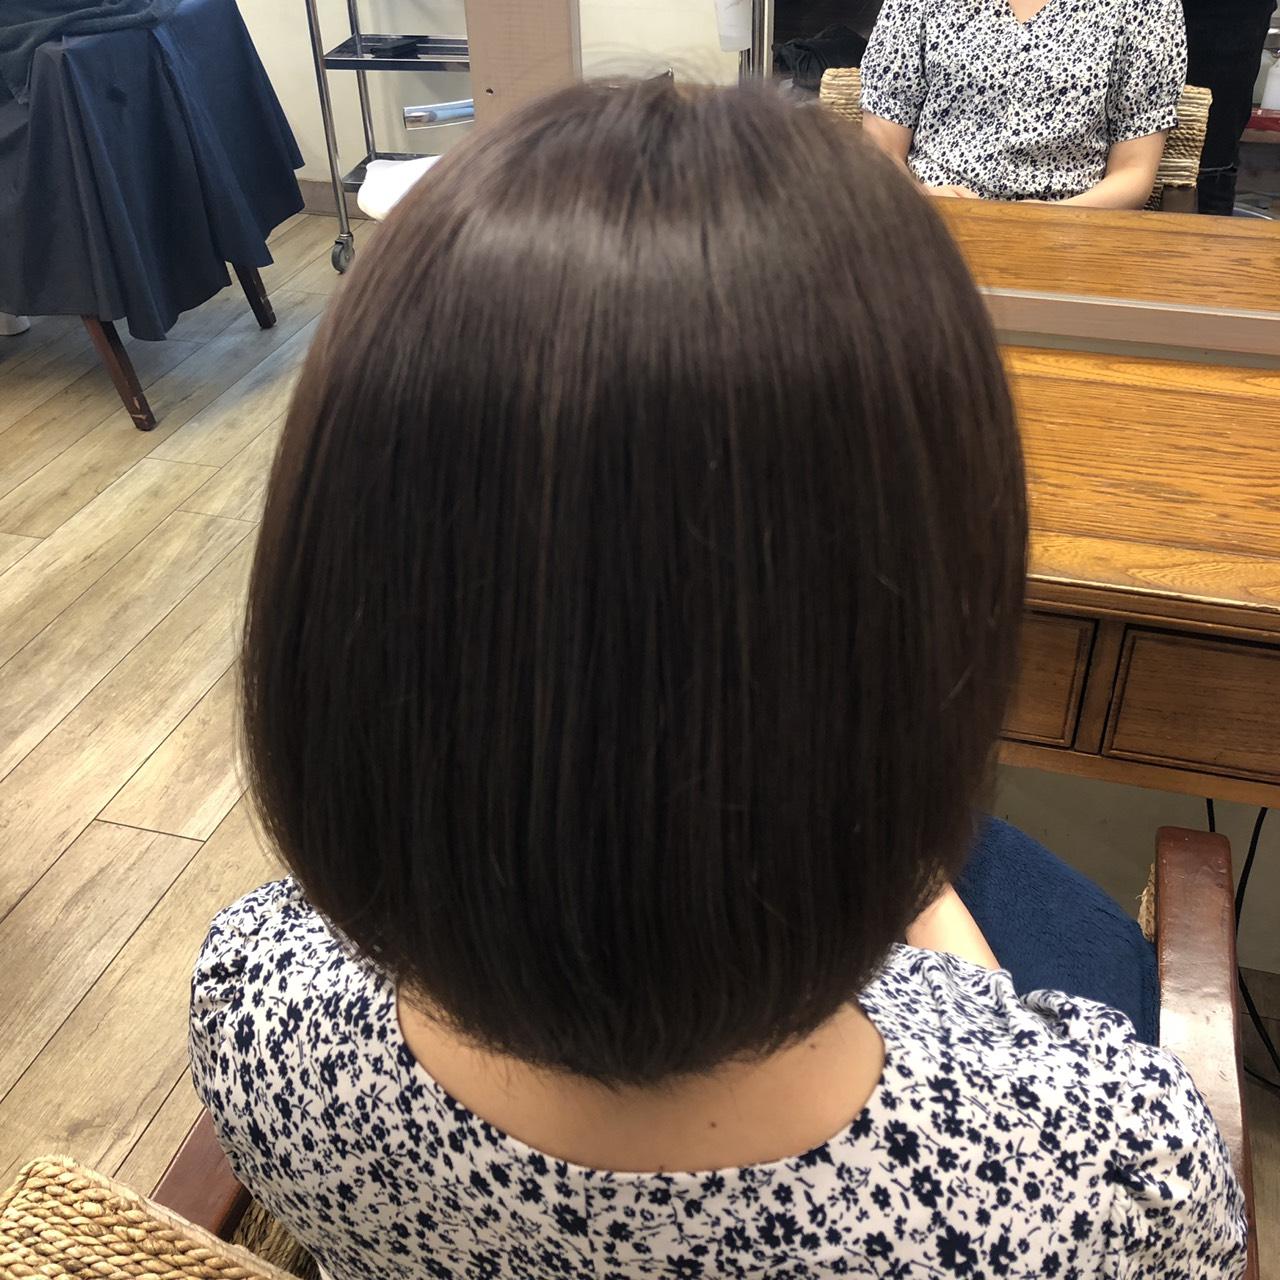 【ノンダメージカラー】今、大注目のヘアカラー!!髪にお悩みある方、必見です!!_2